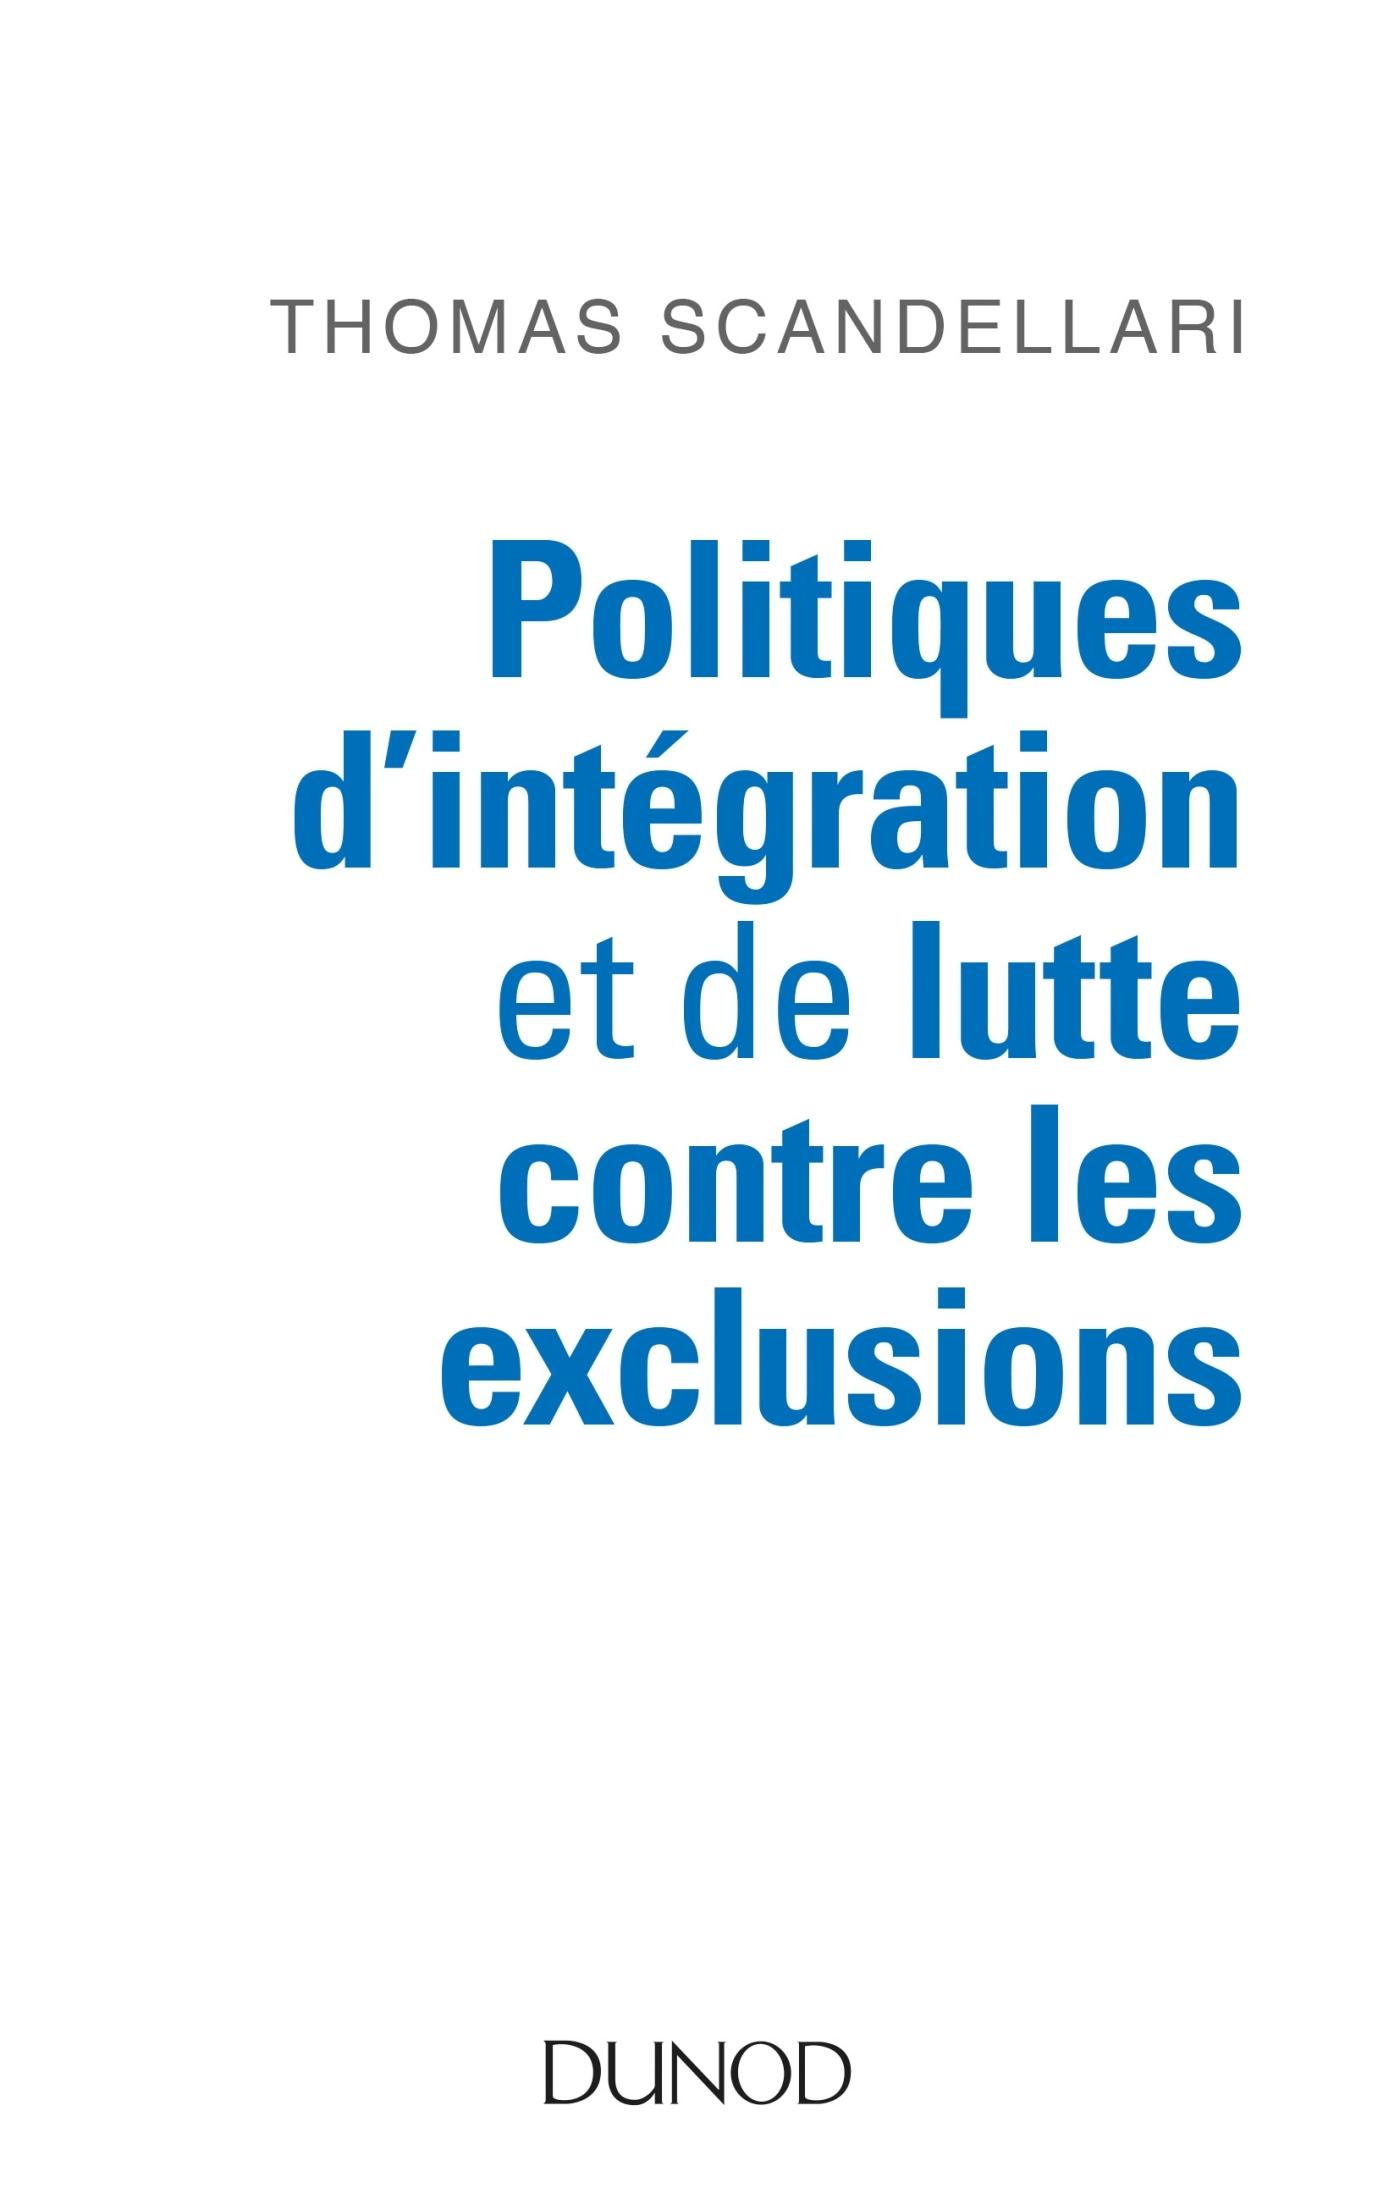 POLITIQUES D'INTEGRATION ET DE LUTTE CONTRE LES EXCLUSIONS - MIEUX COMPRENDRE LES ENJEUX, LES LOGIQU